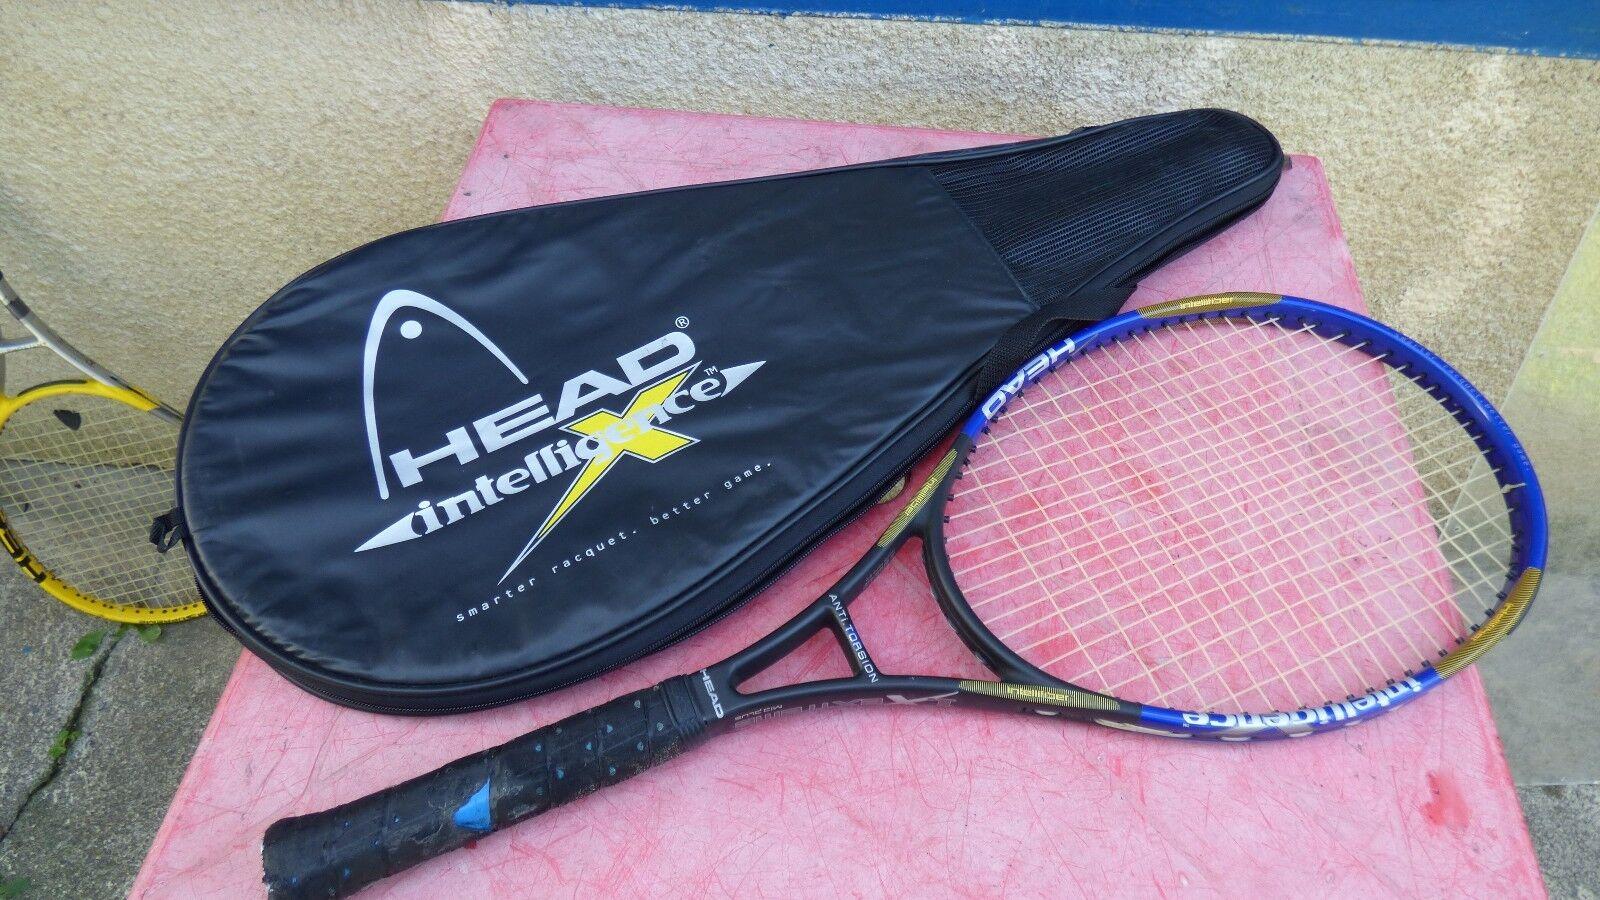 Raquette  de tennis Head Intelligence 1X extreme mid plus L3  Precio al por mayor y calidad confiable.